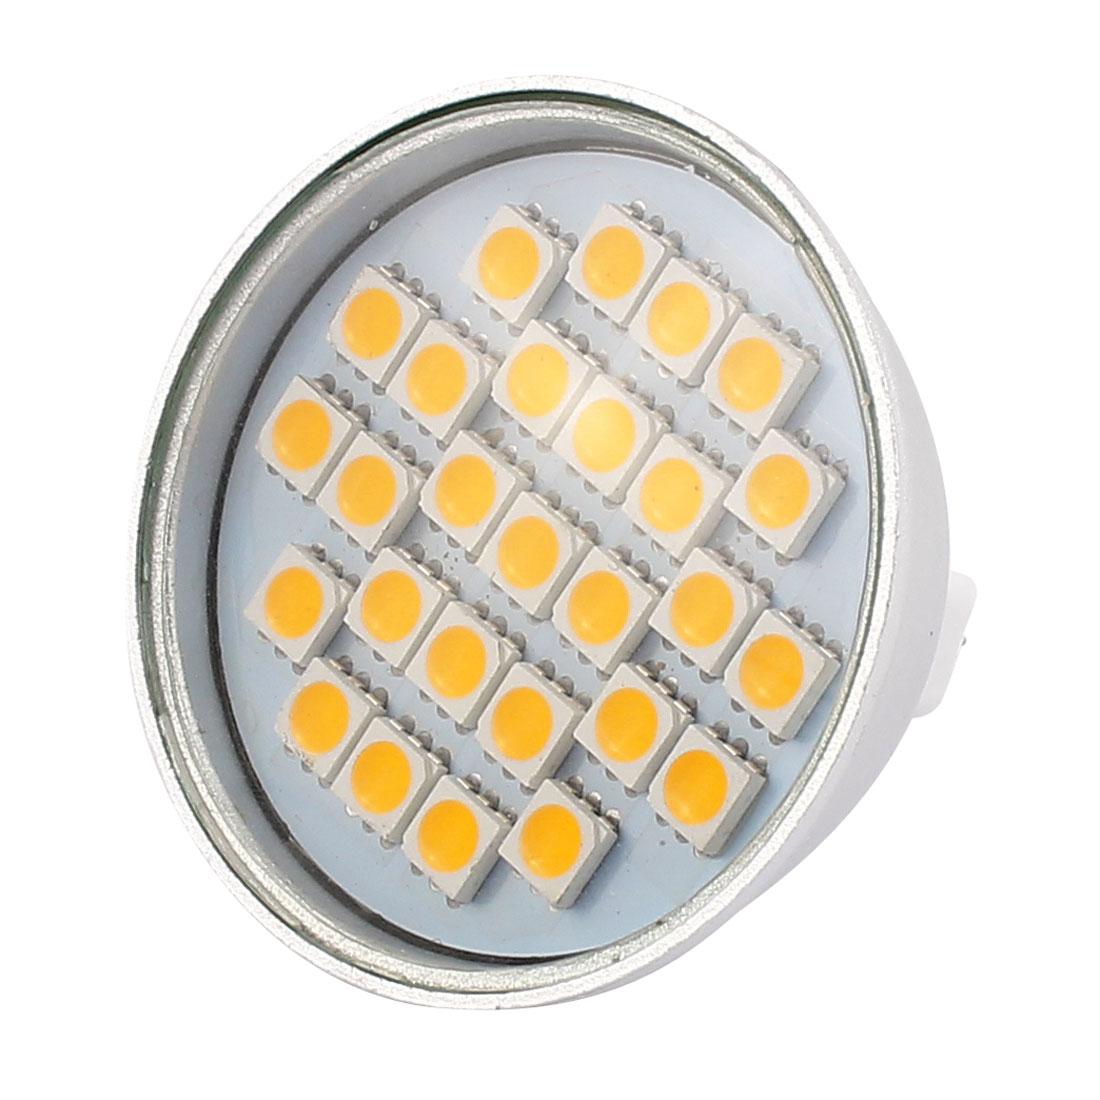 220V 4W MR16 5050 SMD 27 LEDs LED Bulb Light Spotlight Lamp Energy Save Warm White